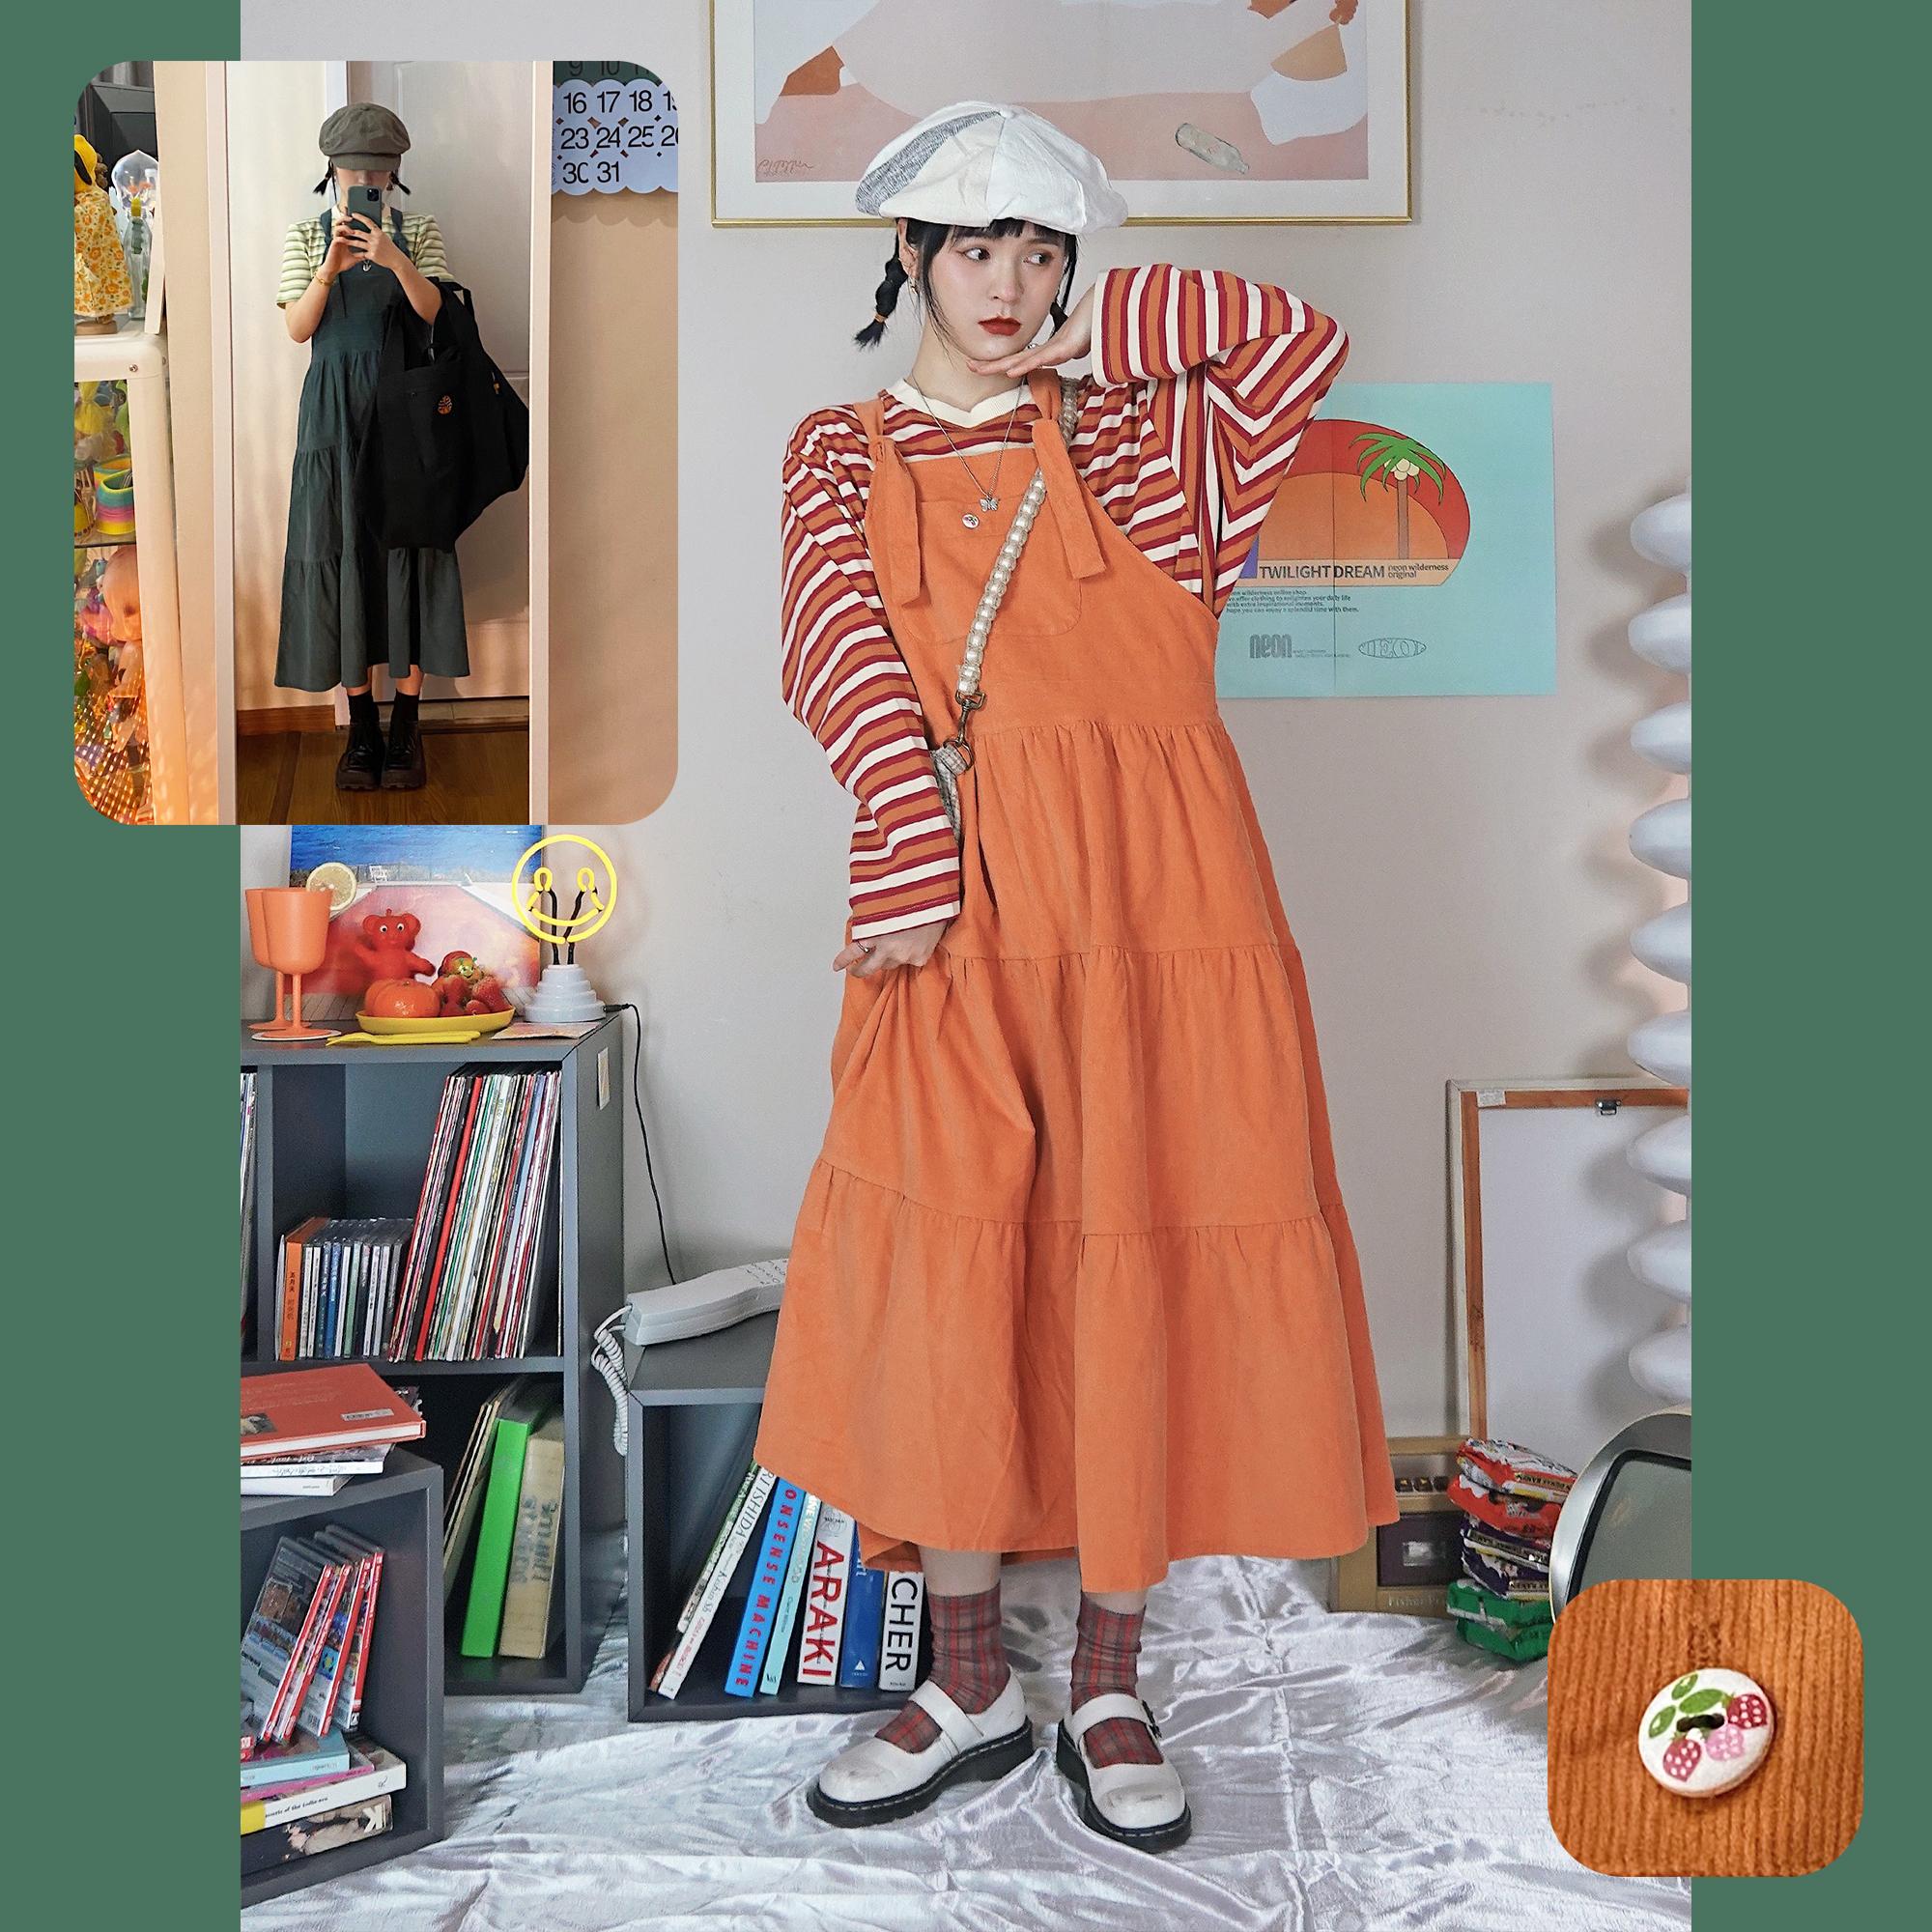 霓虹大荒野|暮色之梦系列 草莓小木扣 古着感长款可爱背带连衣裙